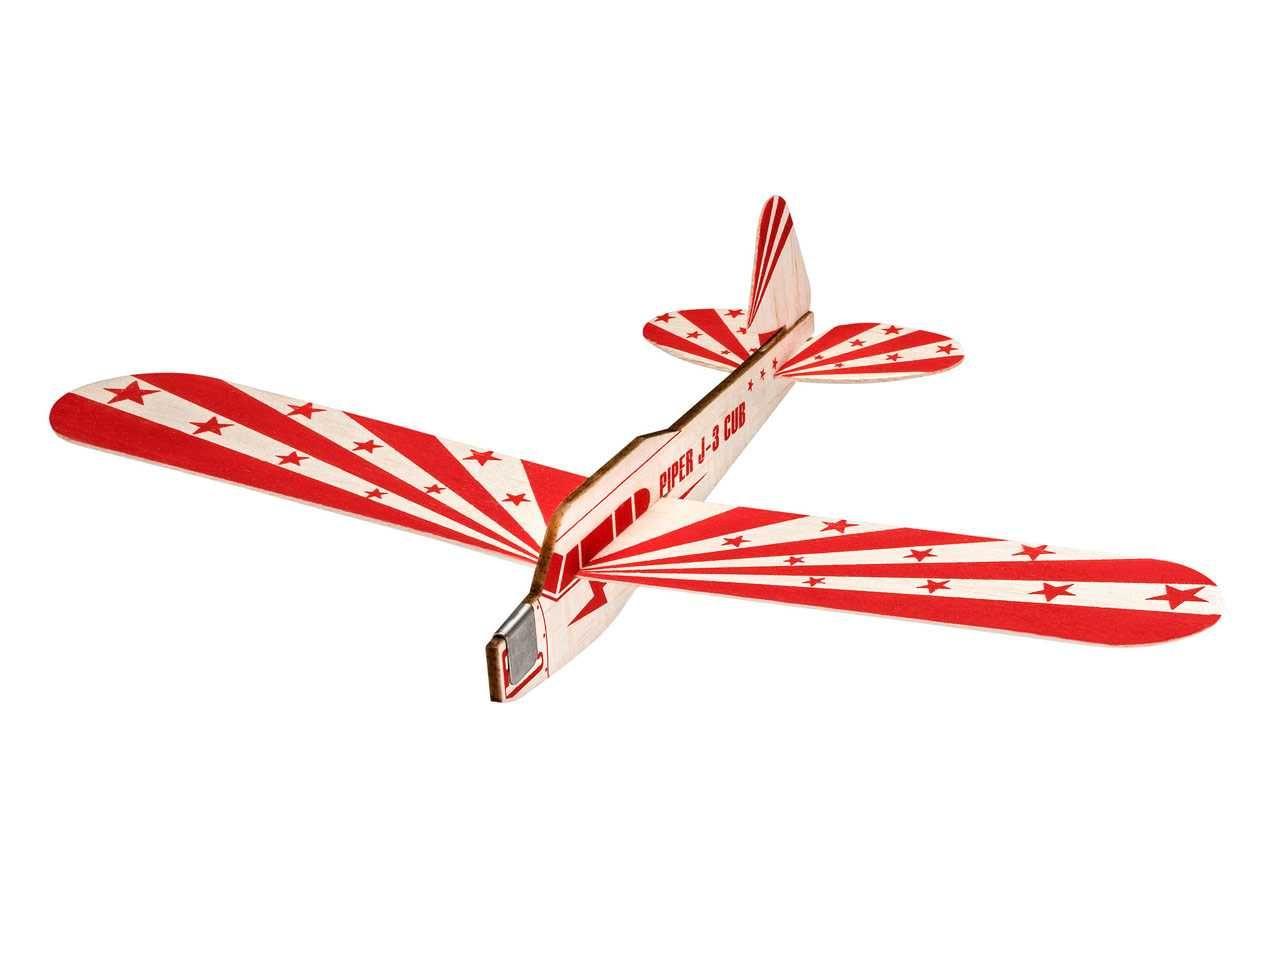 Házedlo REVELL 24312 - Jet Glider Plastikové modely